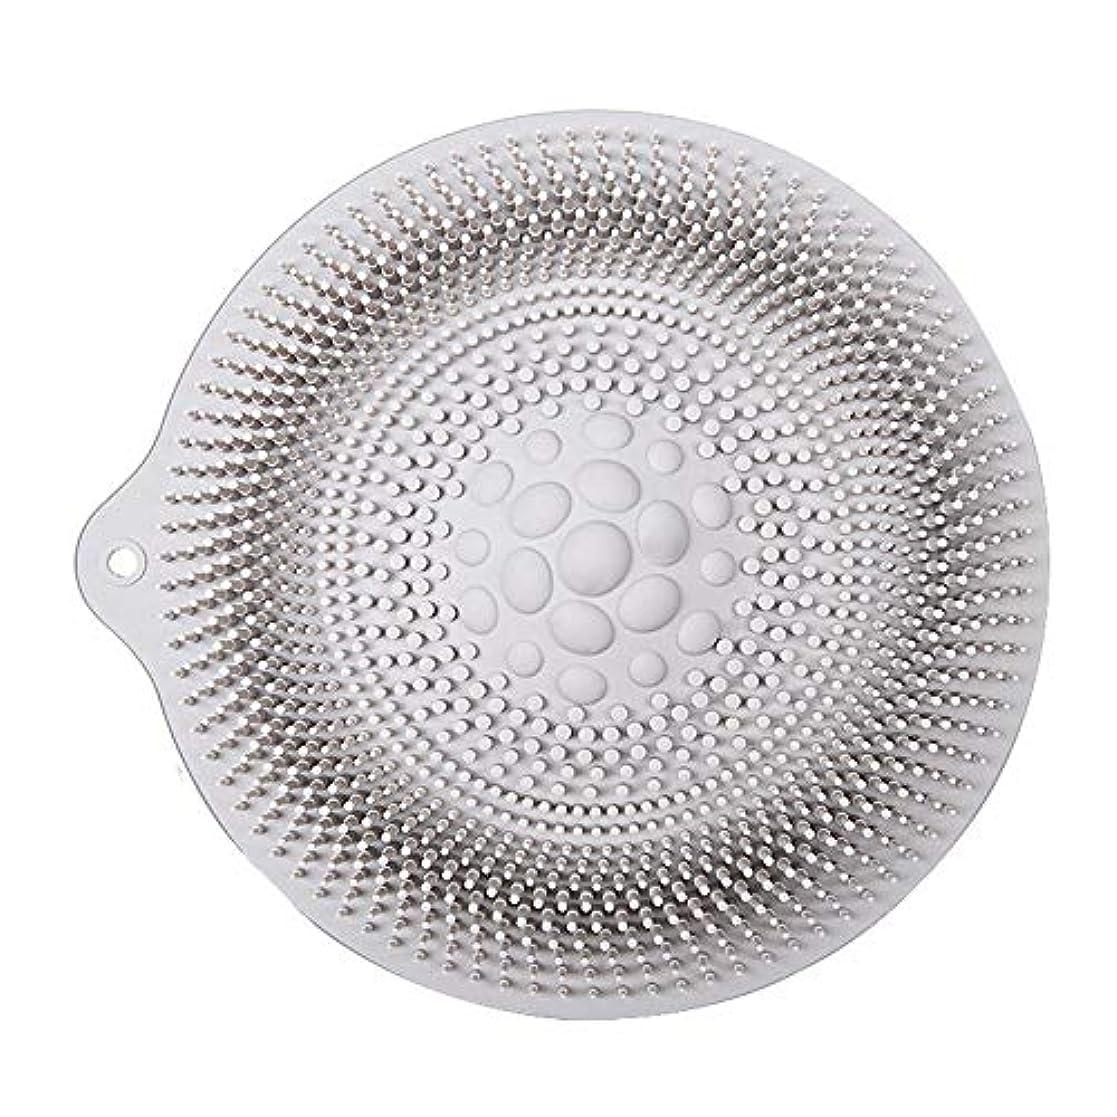 合併症ジョージハンブリー香水足洗いマット 安全 非毒性 無臭 多機能 グレート 使いやすい フットケア ボディブラシ マッサージシート お風呂用 32cm